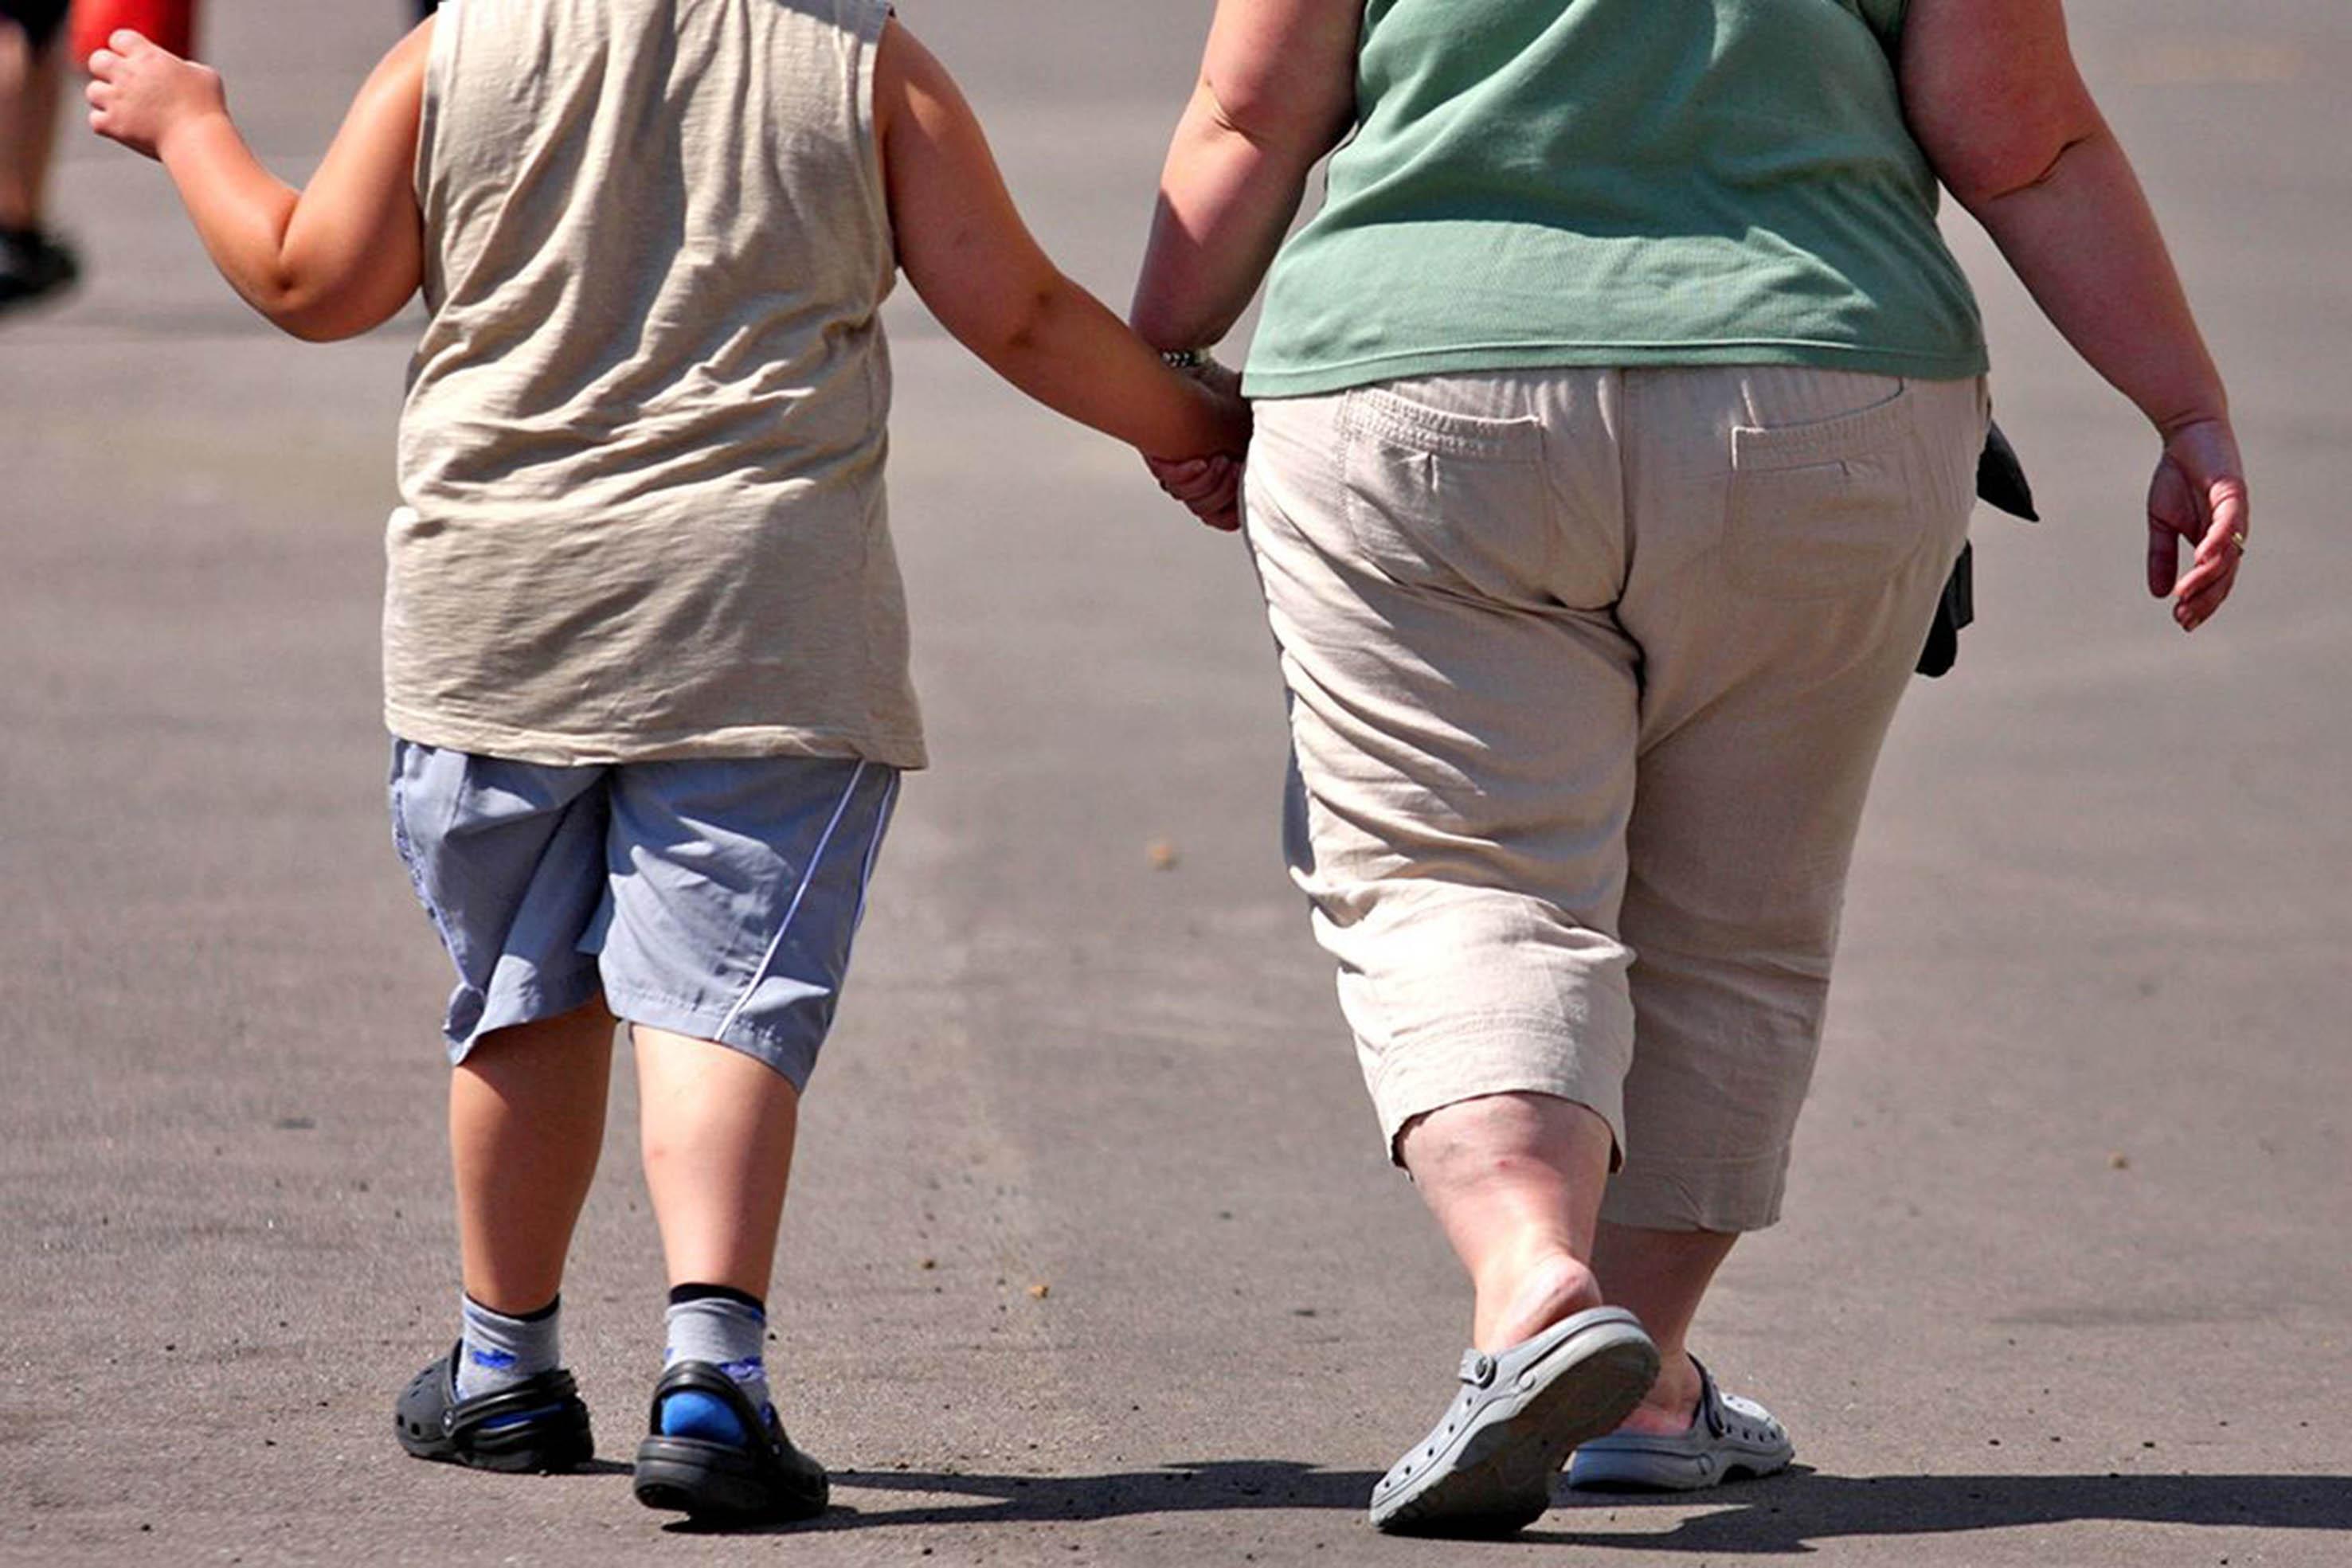 Obesidad en Padres acentúa Diabetes e Infertilidad en Hijos y Nietos